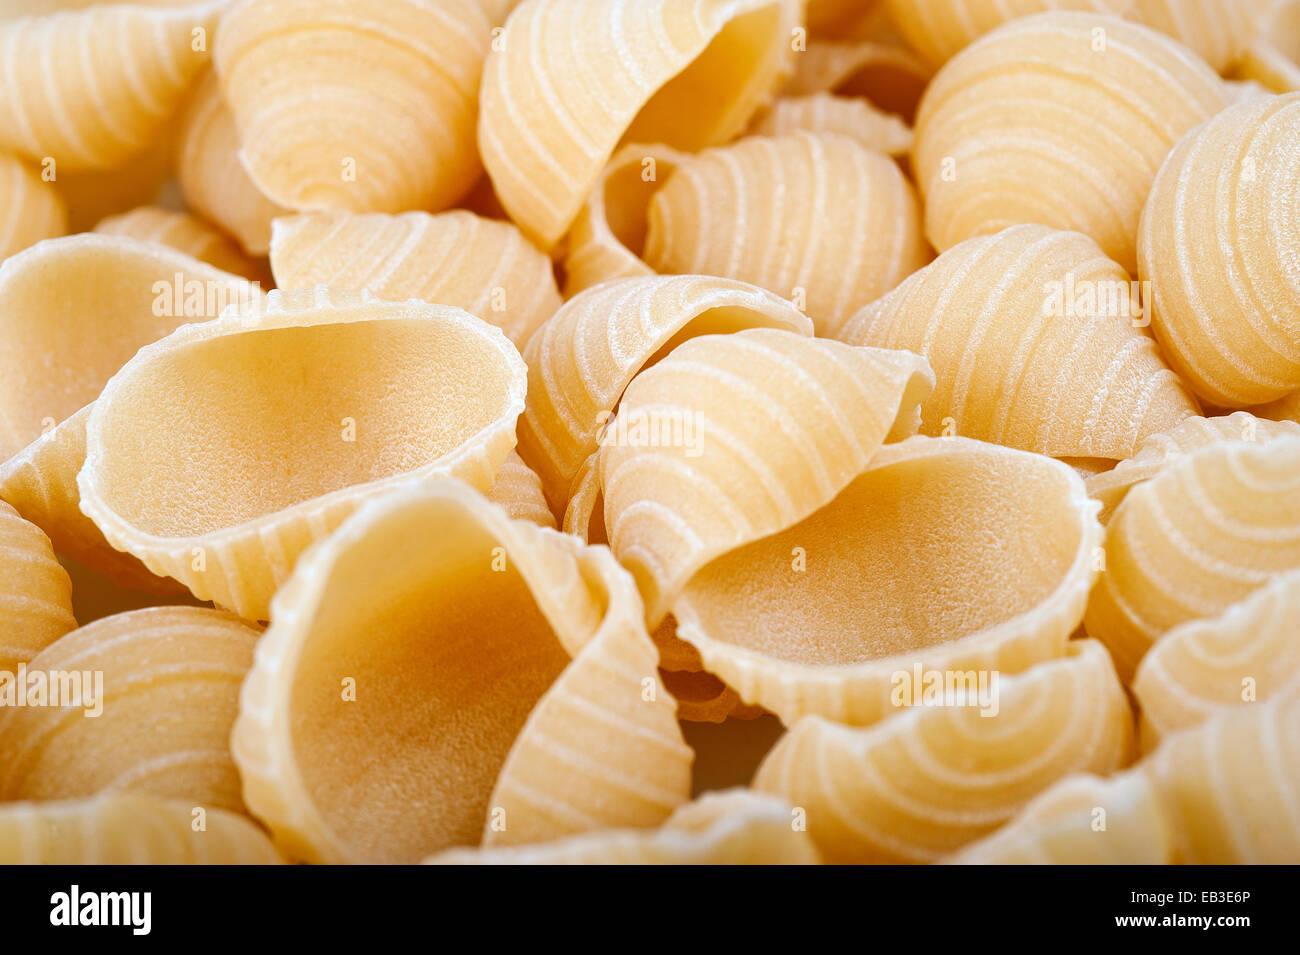 Gruppo di conchiglie pasta italiana Immagini Stock